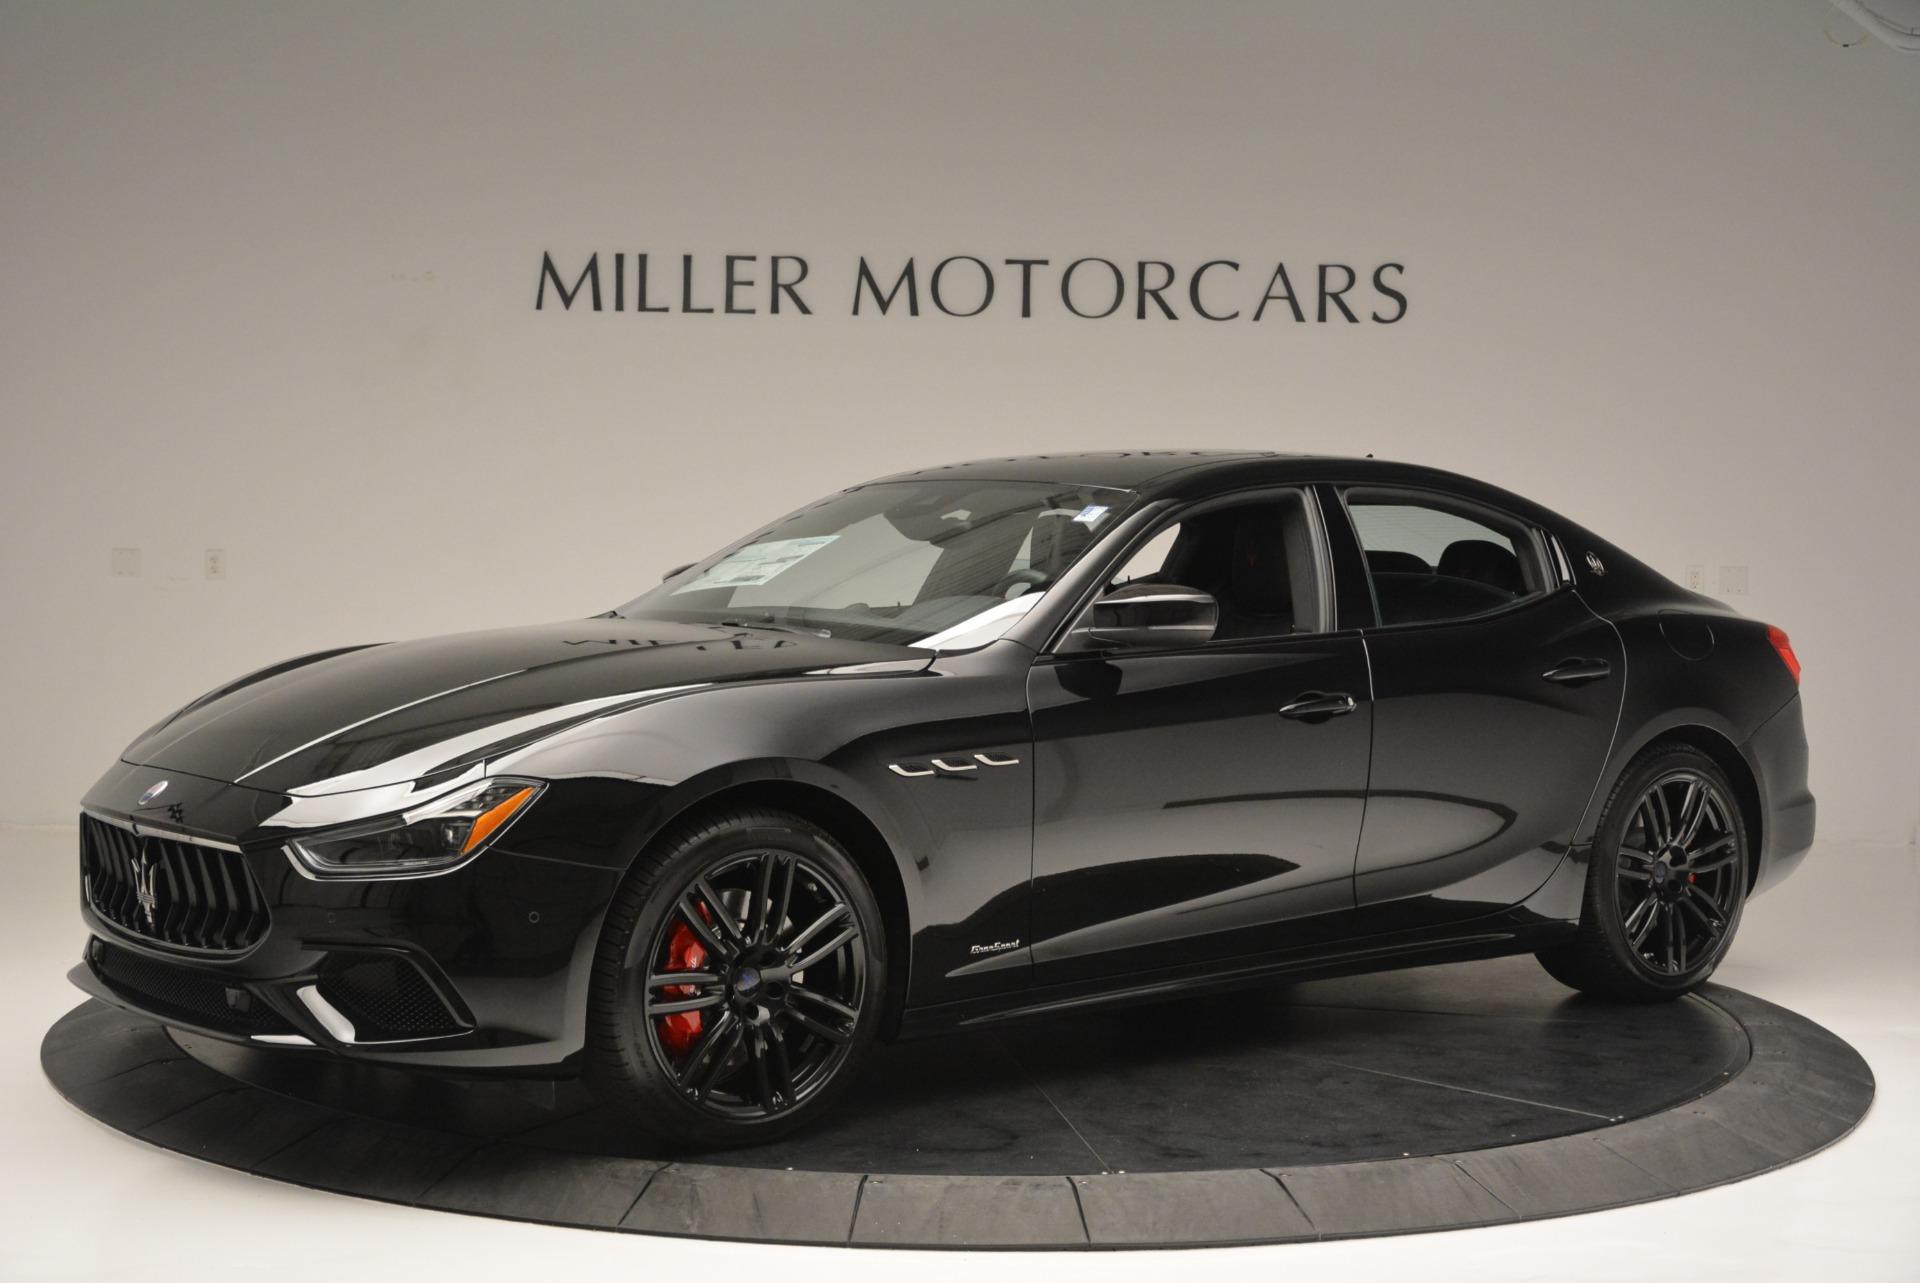 New 2018 Maserati Ghibli SQ4 GranSport Nerissimo For Sale In Greenwich, CT 2366_p2